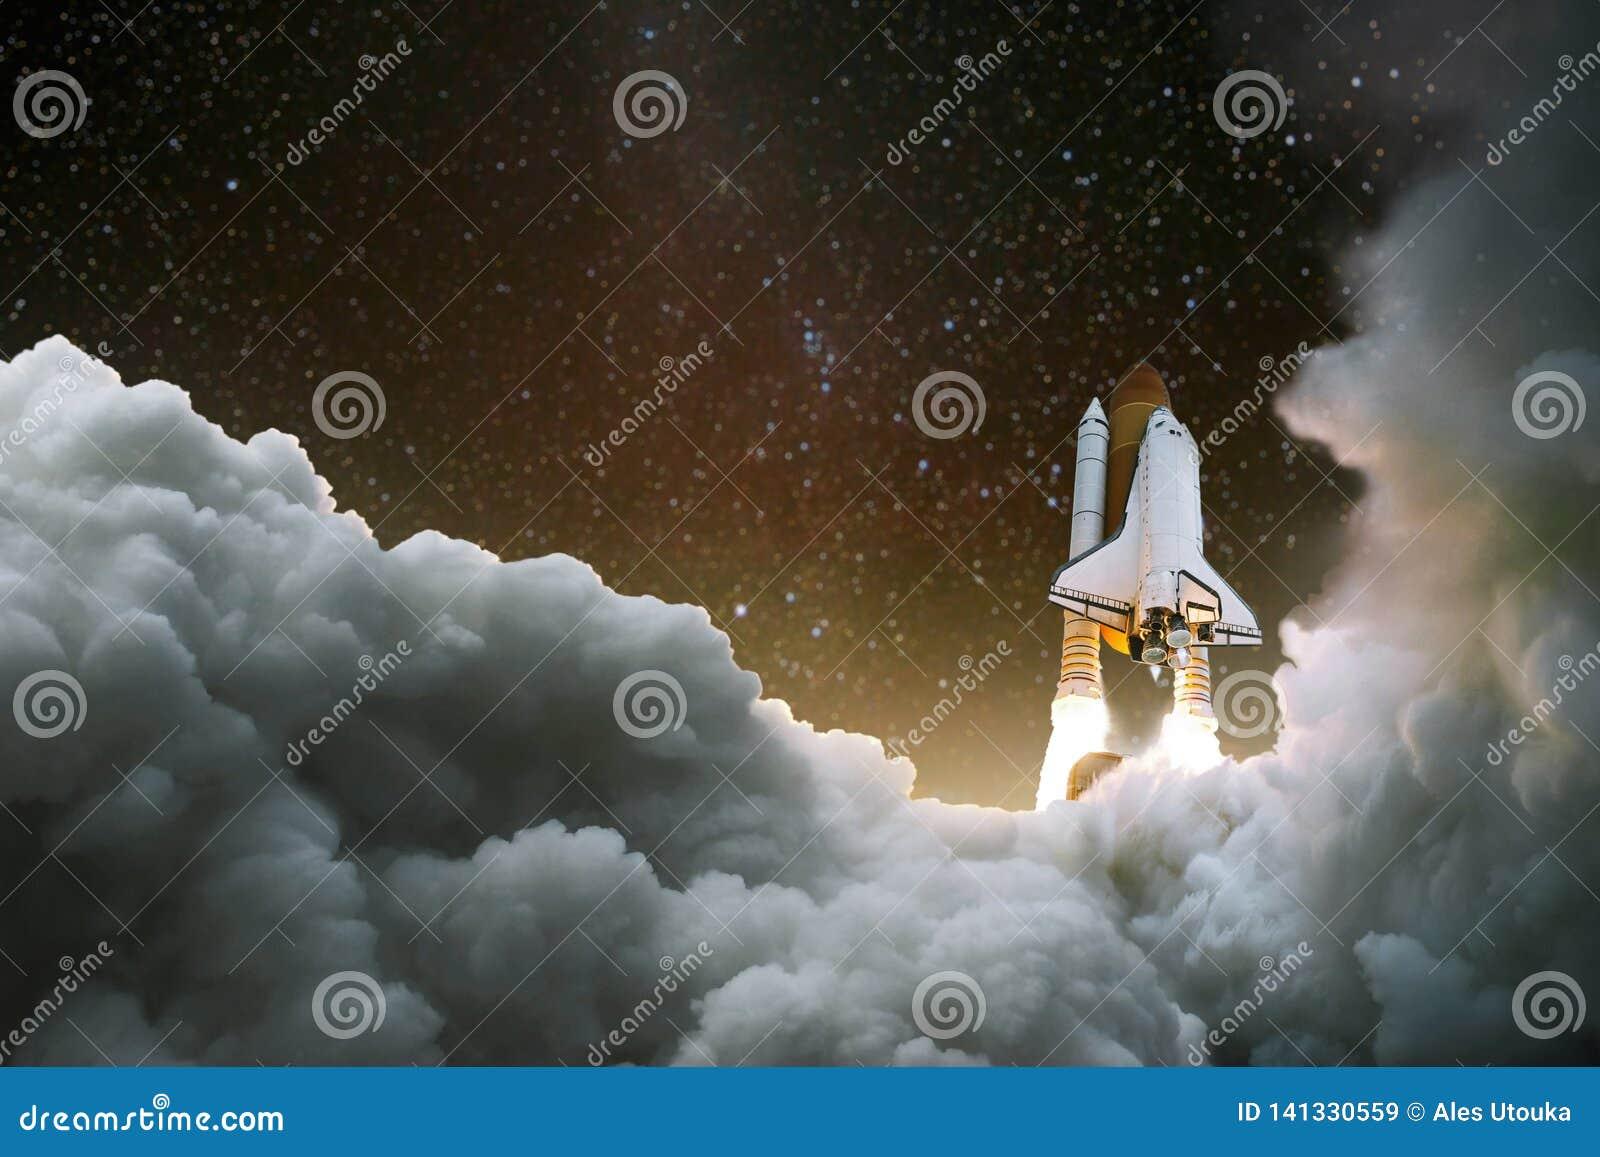 Statek kosmiczny bierze daleko w przestrzeń Początek podróż Eksploracja przestrzeni kosmicznej Rakieta z dymem na gwiaździstym ni